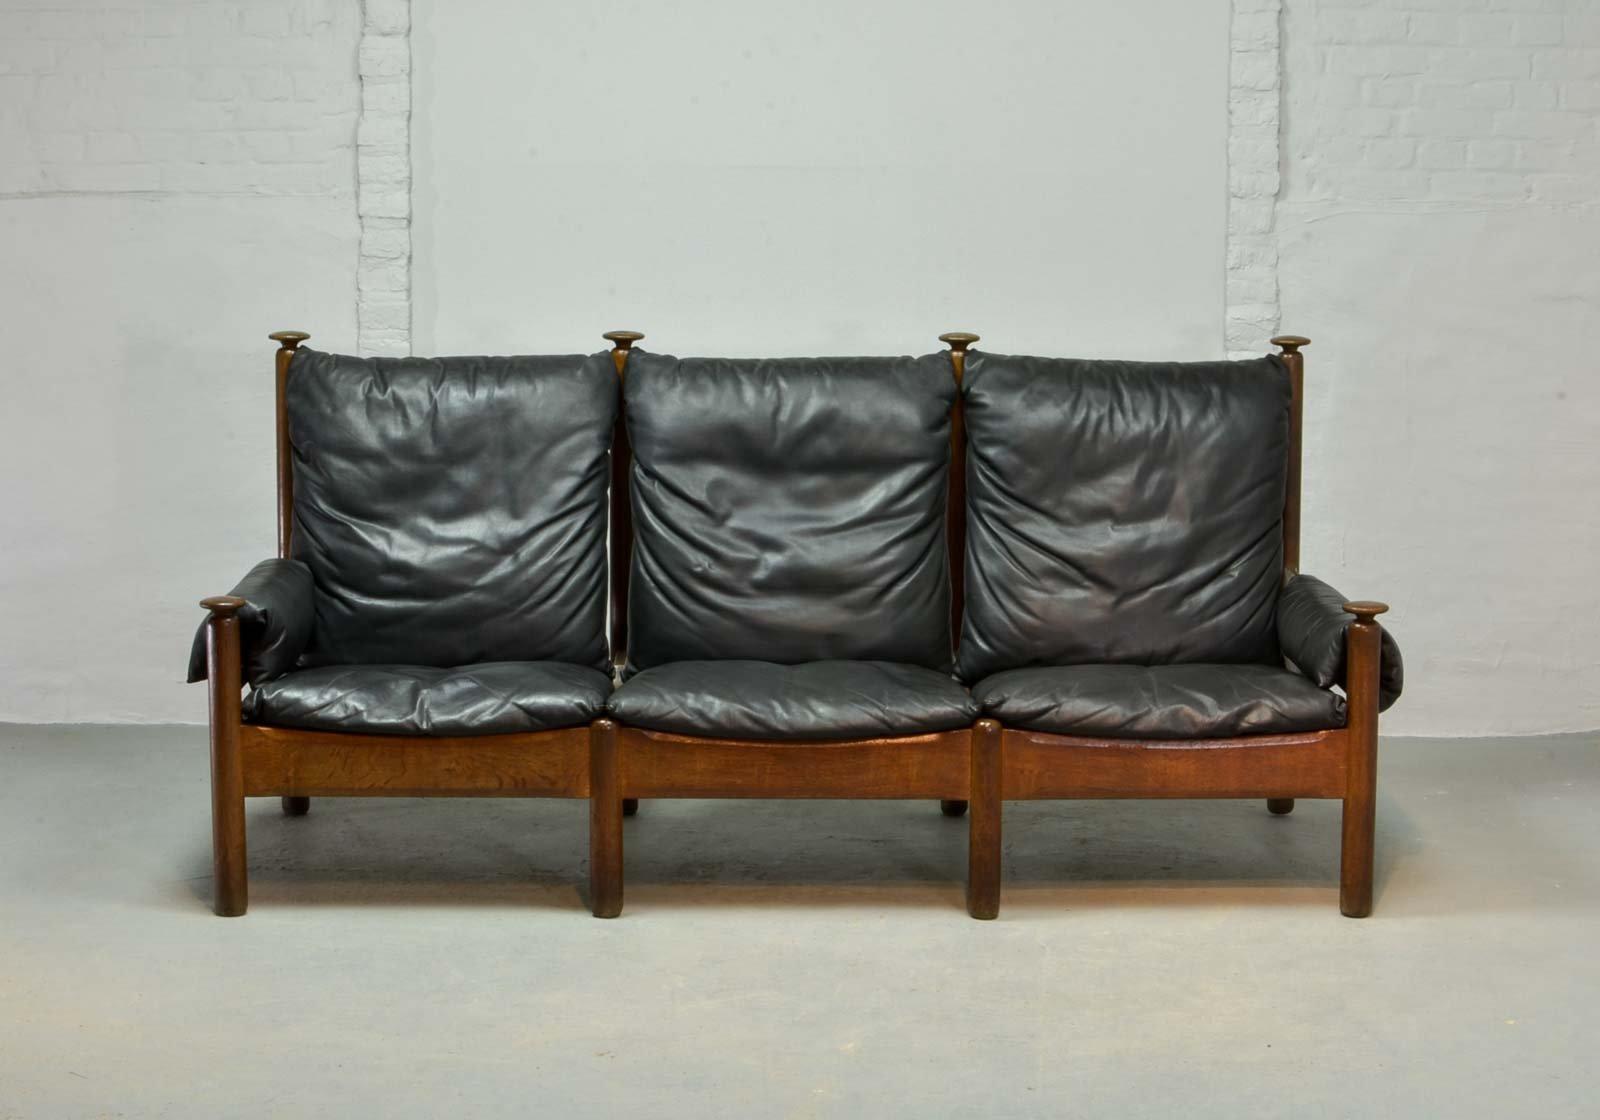 canap trois places scandinave en cuir noir 1960s en vente sur pamono. Black Bedroom Furniture Sets. Home Design Ideas